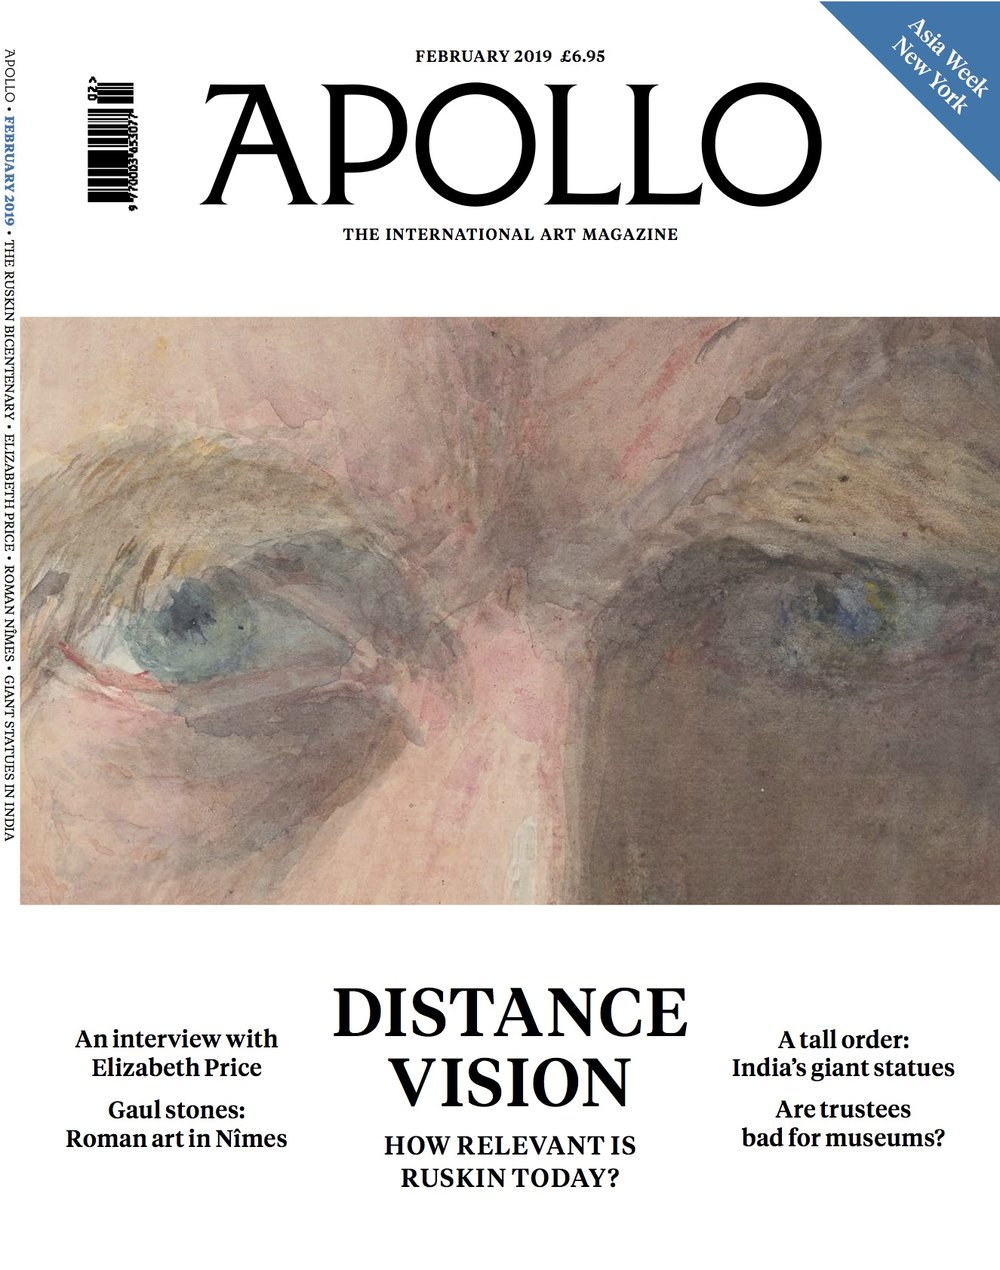 TAS_Apollo_image.jpg